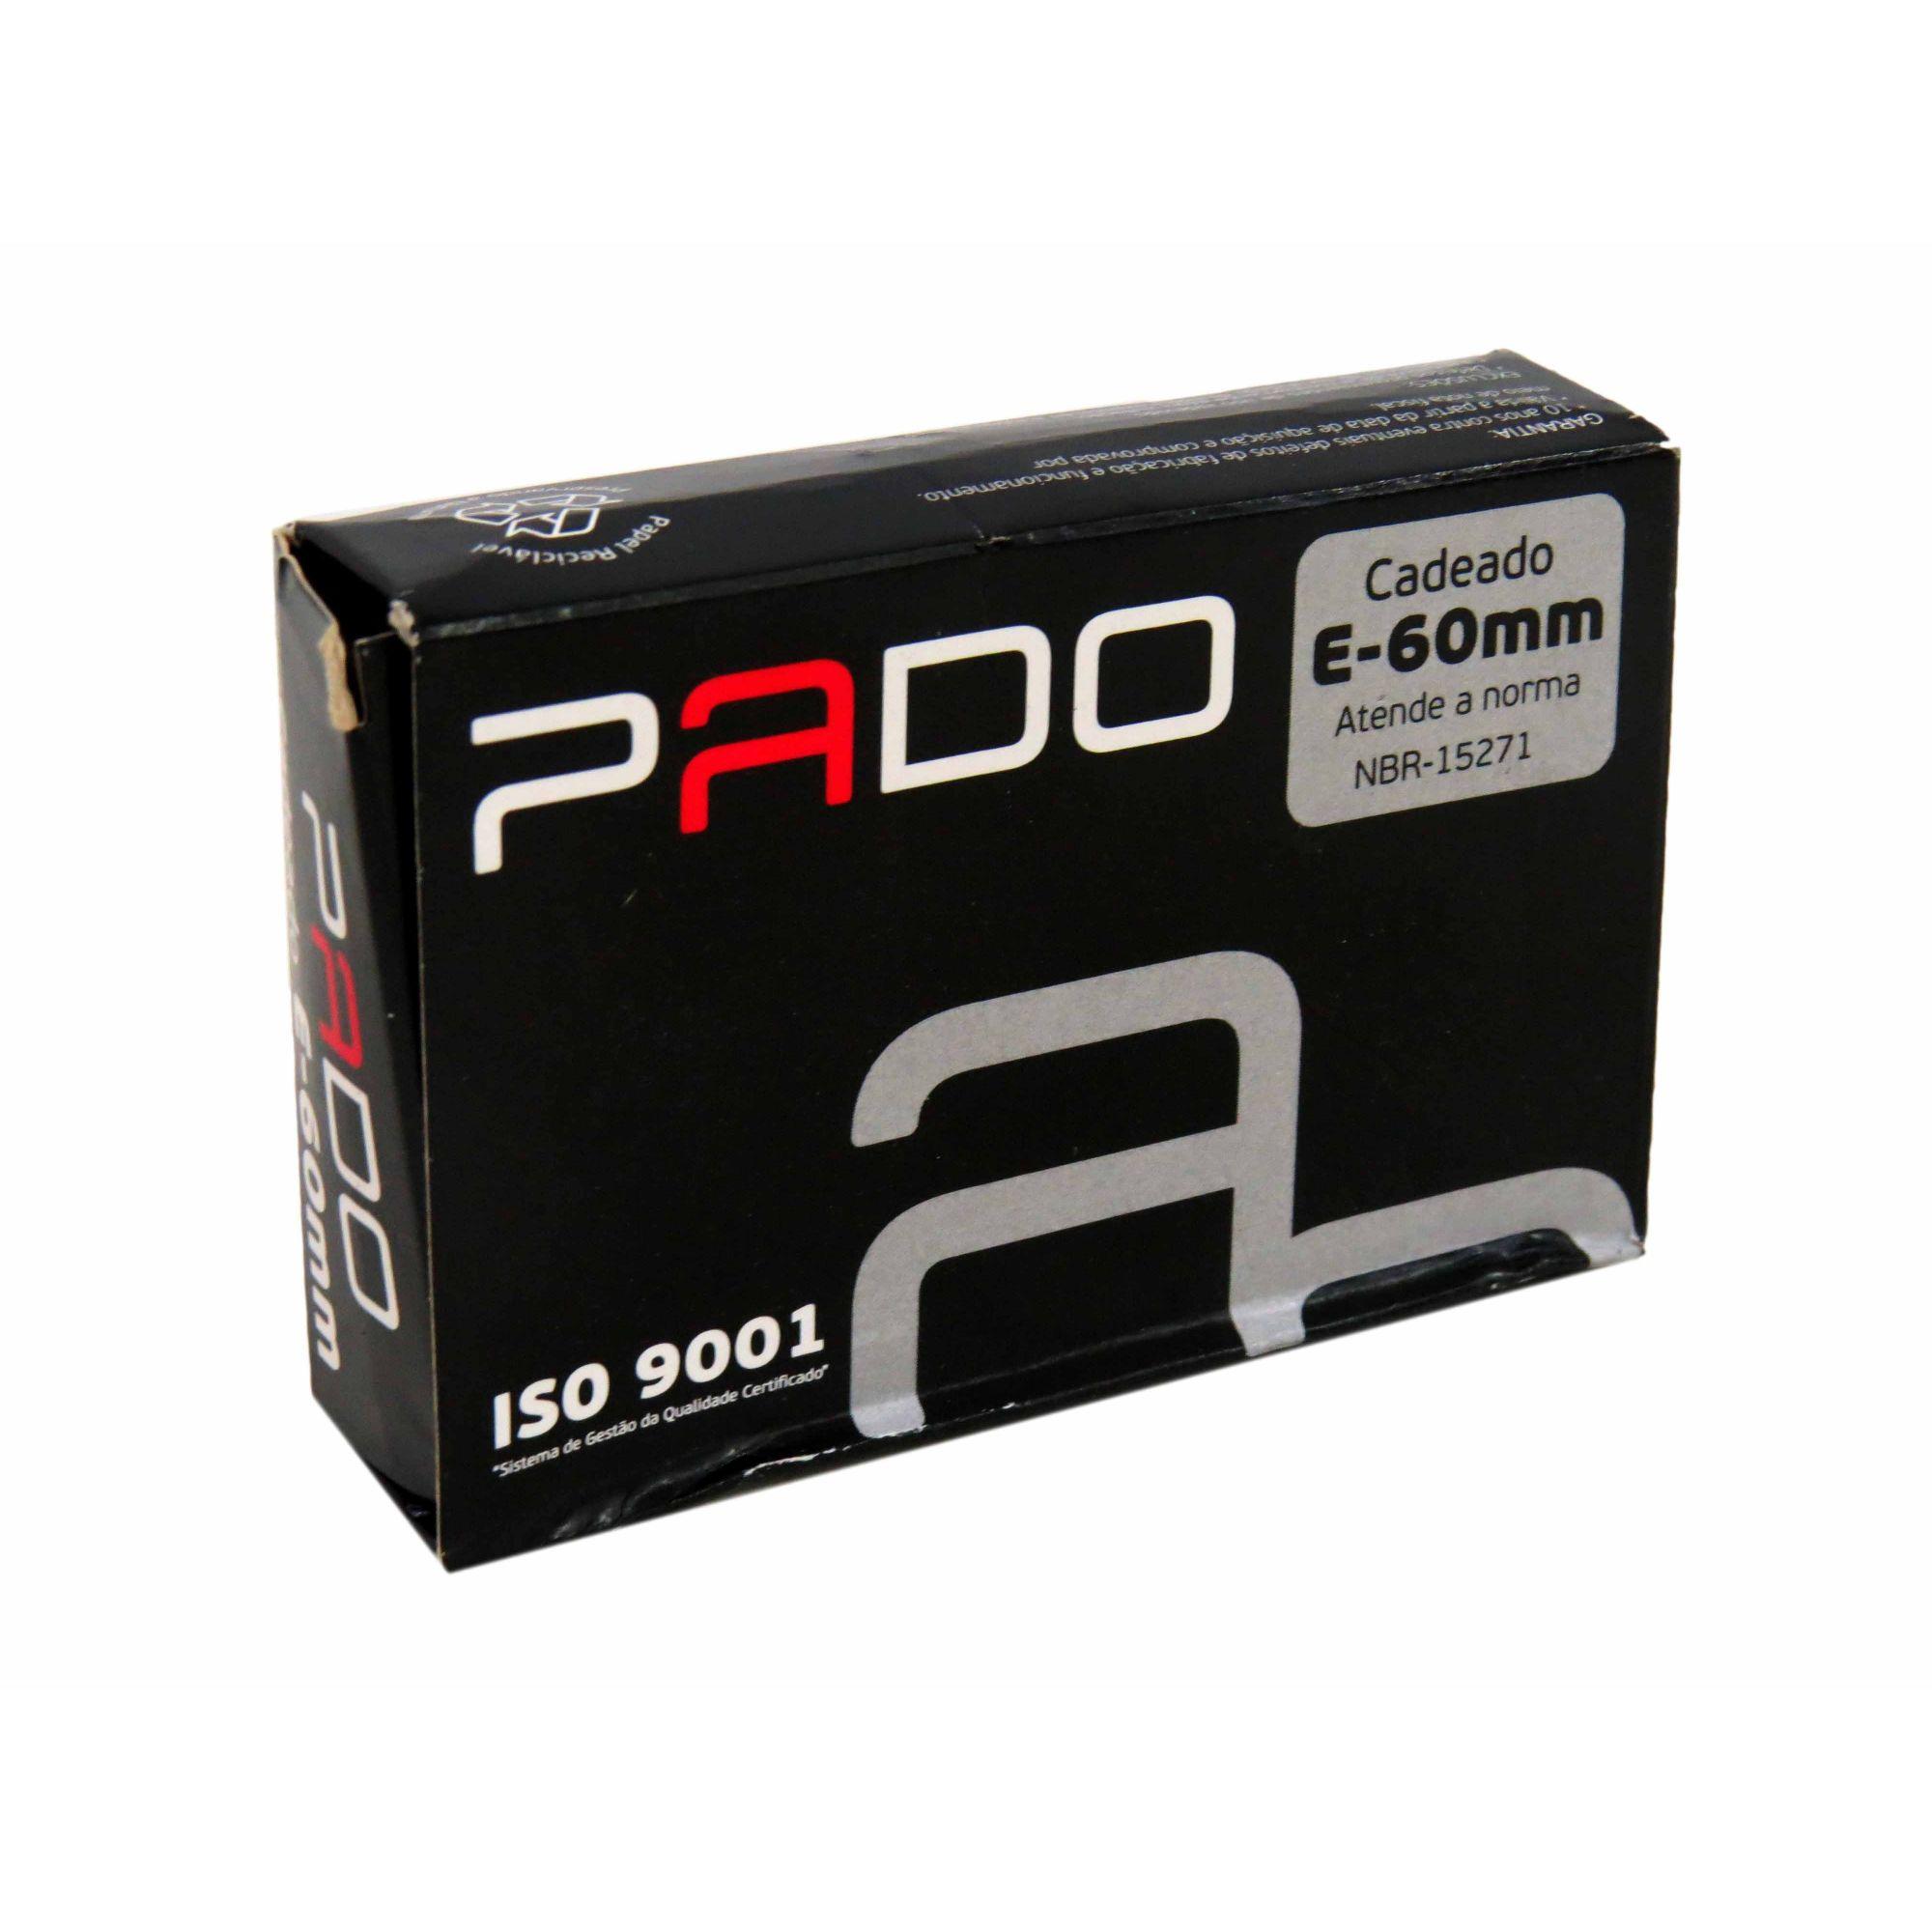 Cadeado de Latão Pado E-60mm Cód.7891065000202